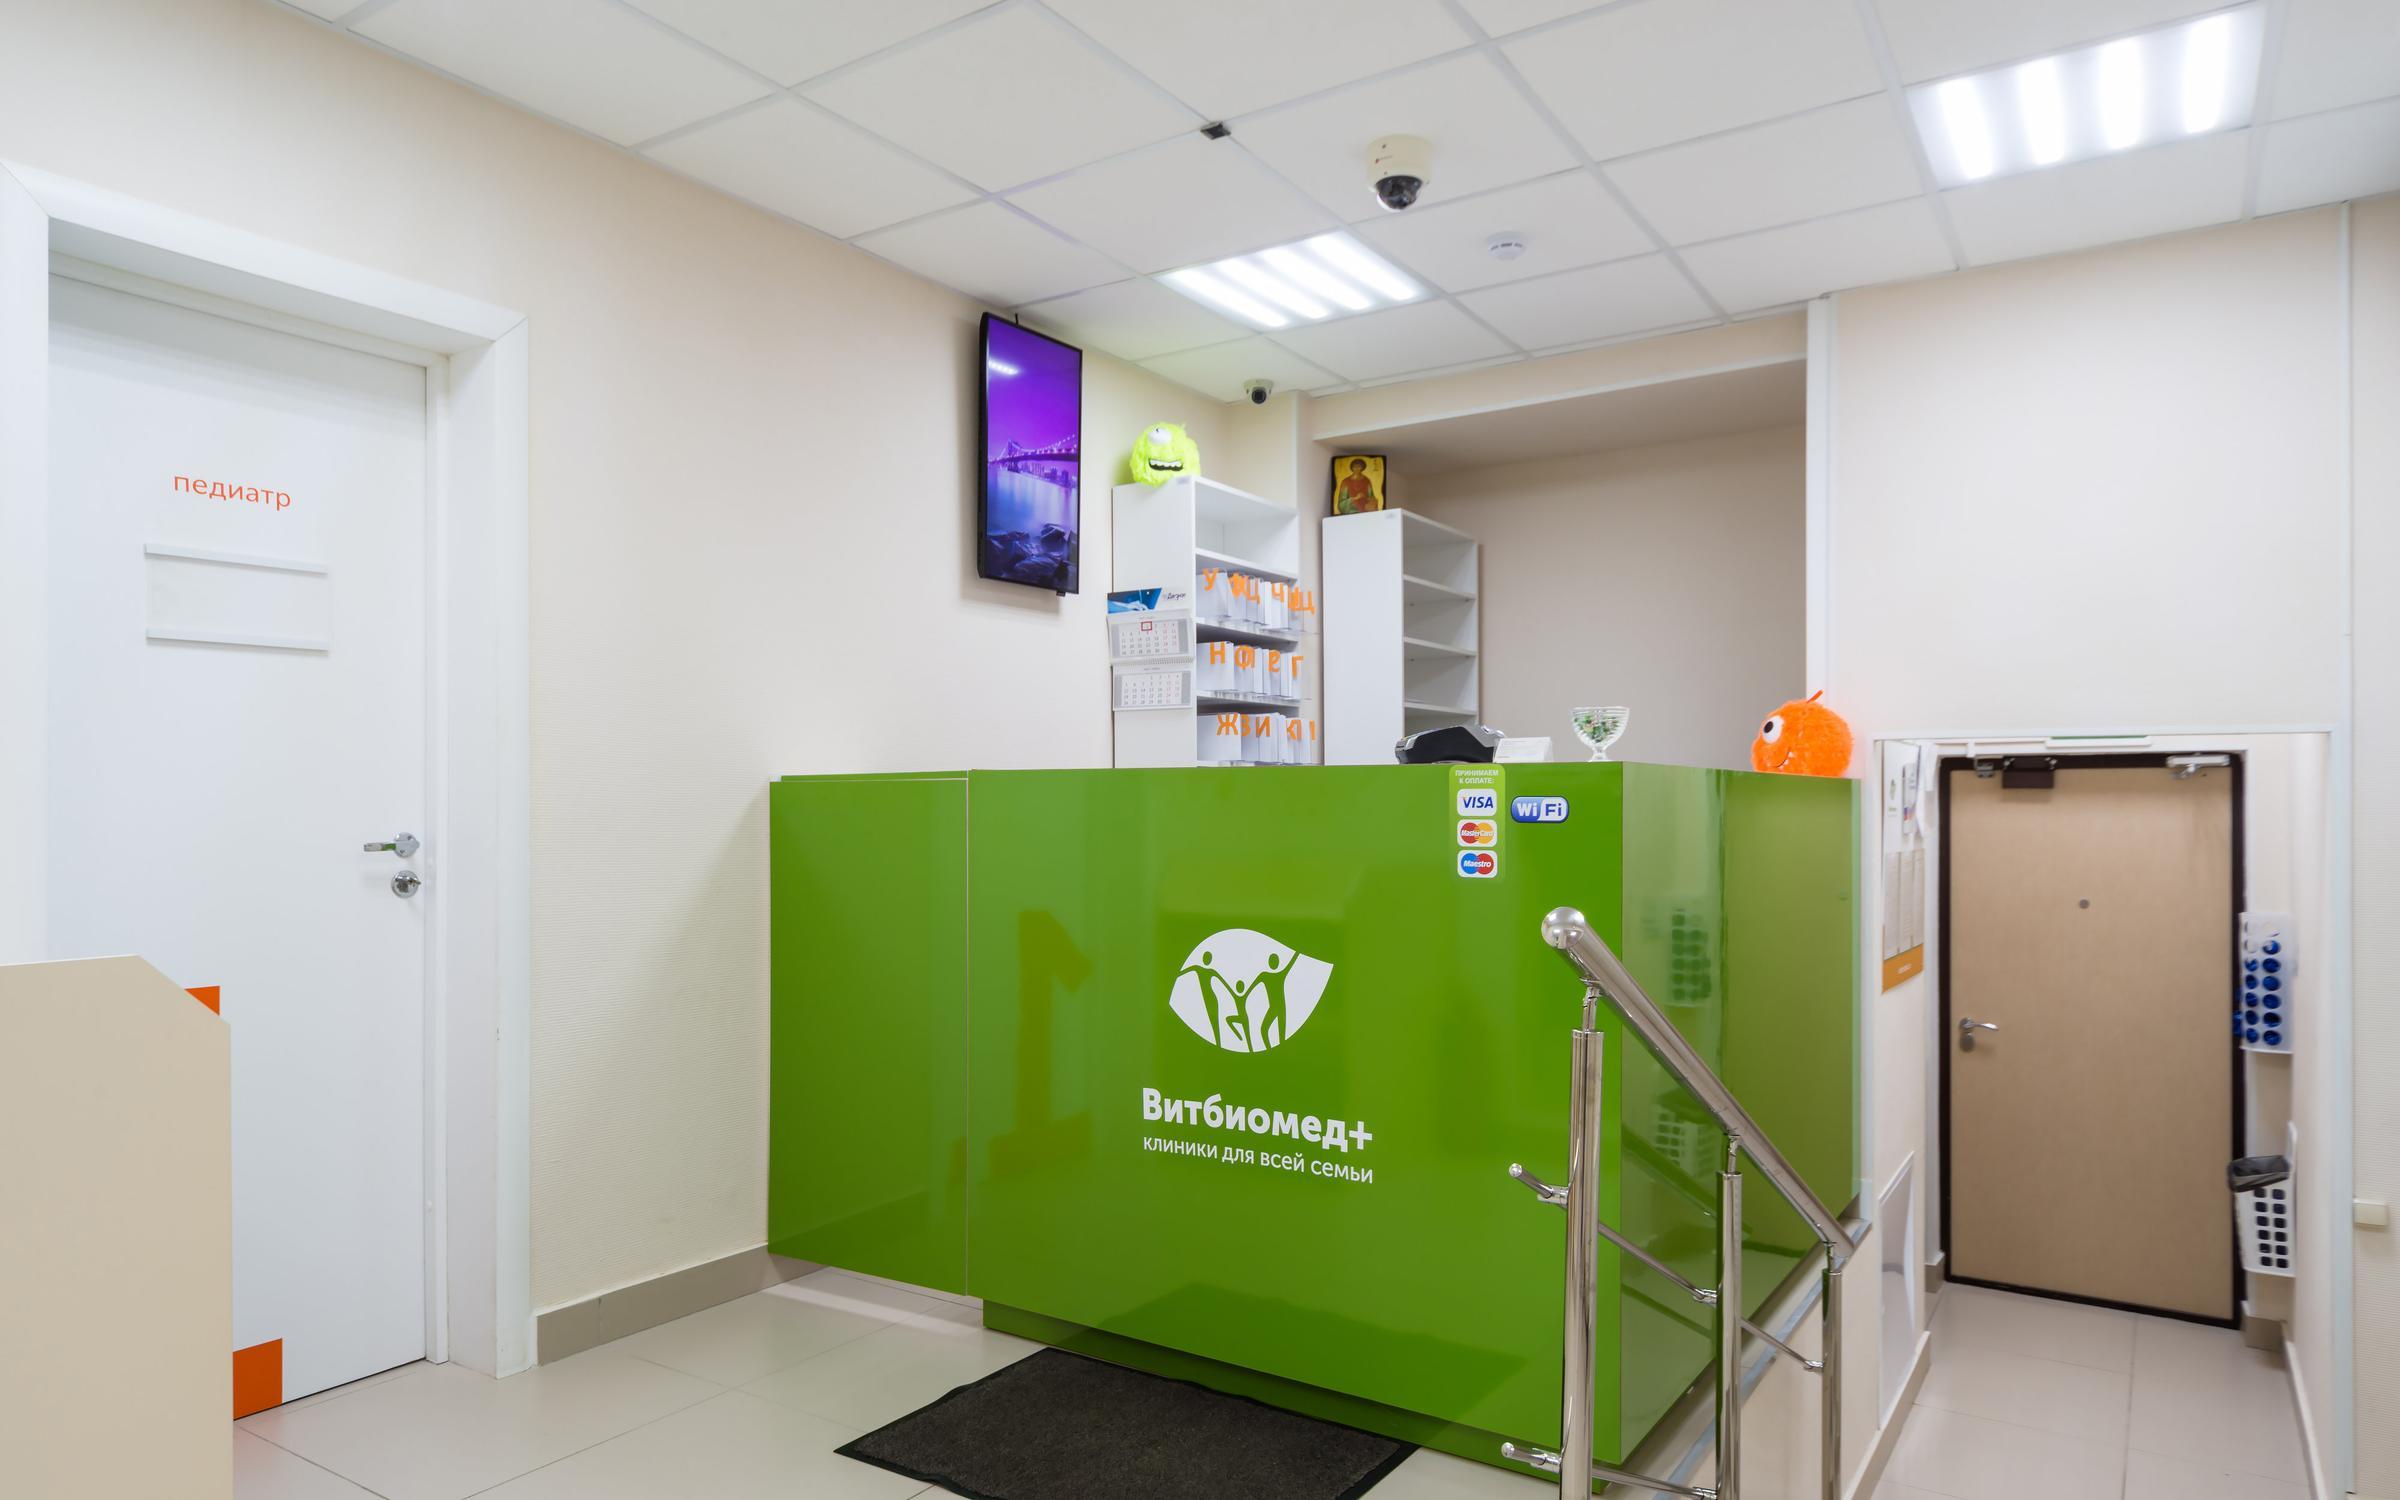 фотография Клиники Витбиомед+ в Жулебино